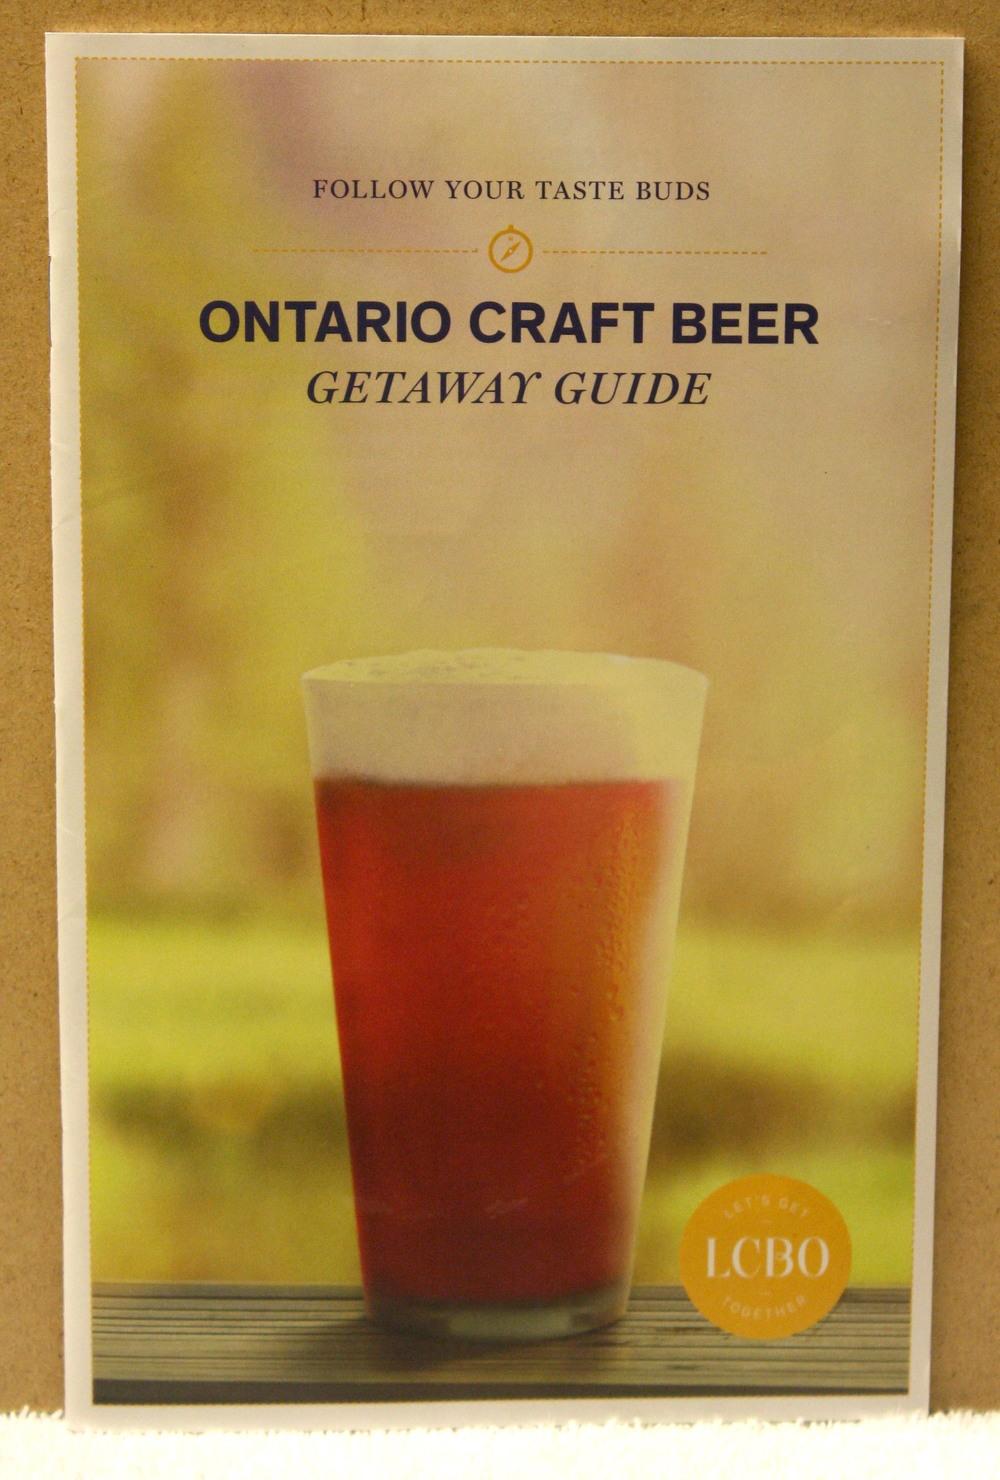 Ontario Craft Beer_Getaway Guide (2014)